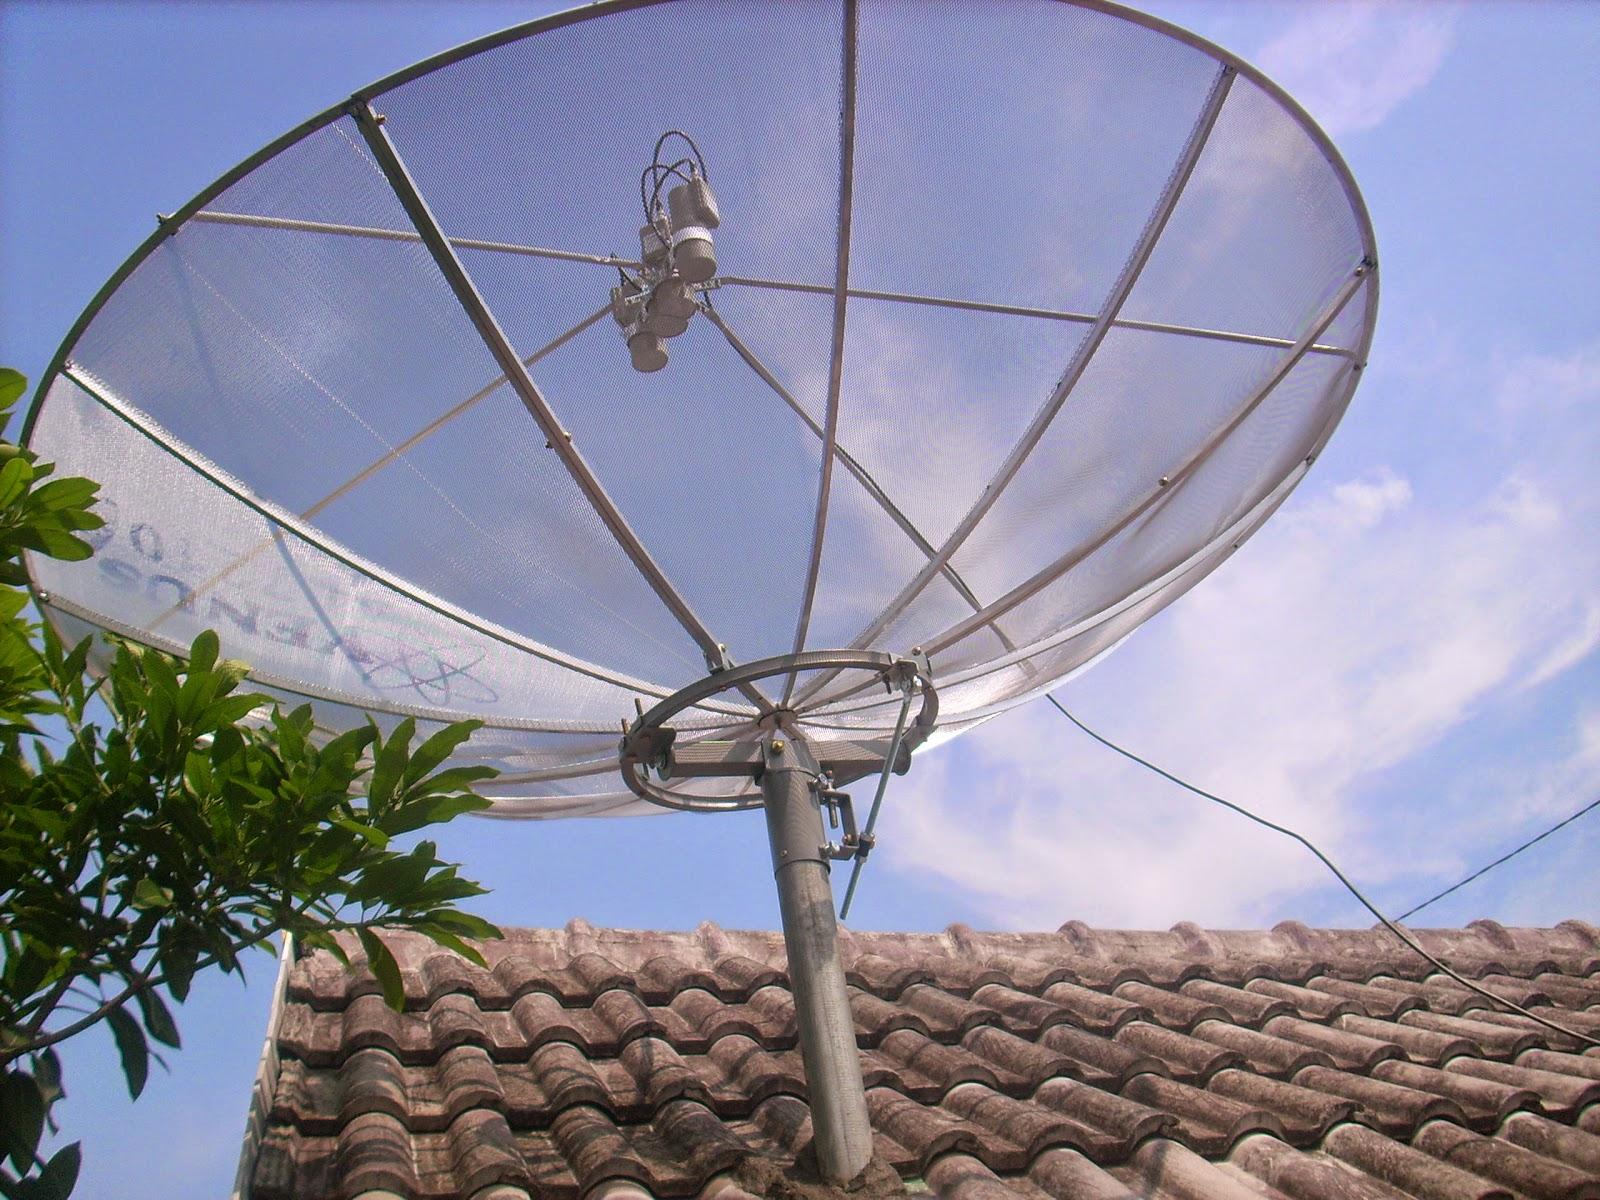 Jual Beli Antena Parabola Venus Terbaru Surabaya